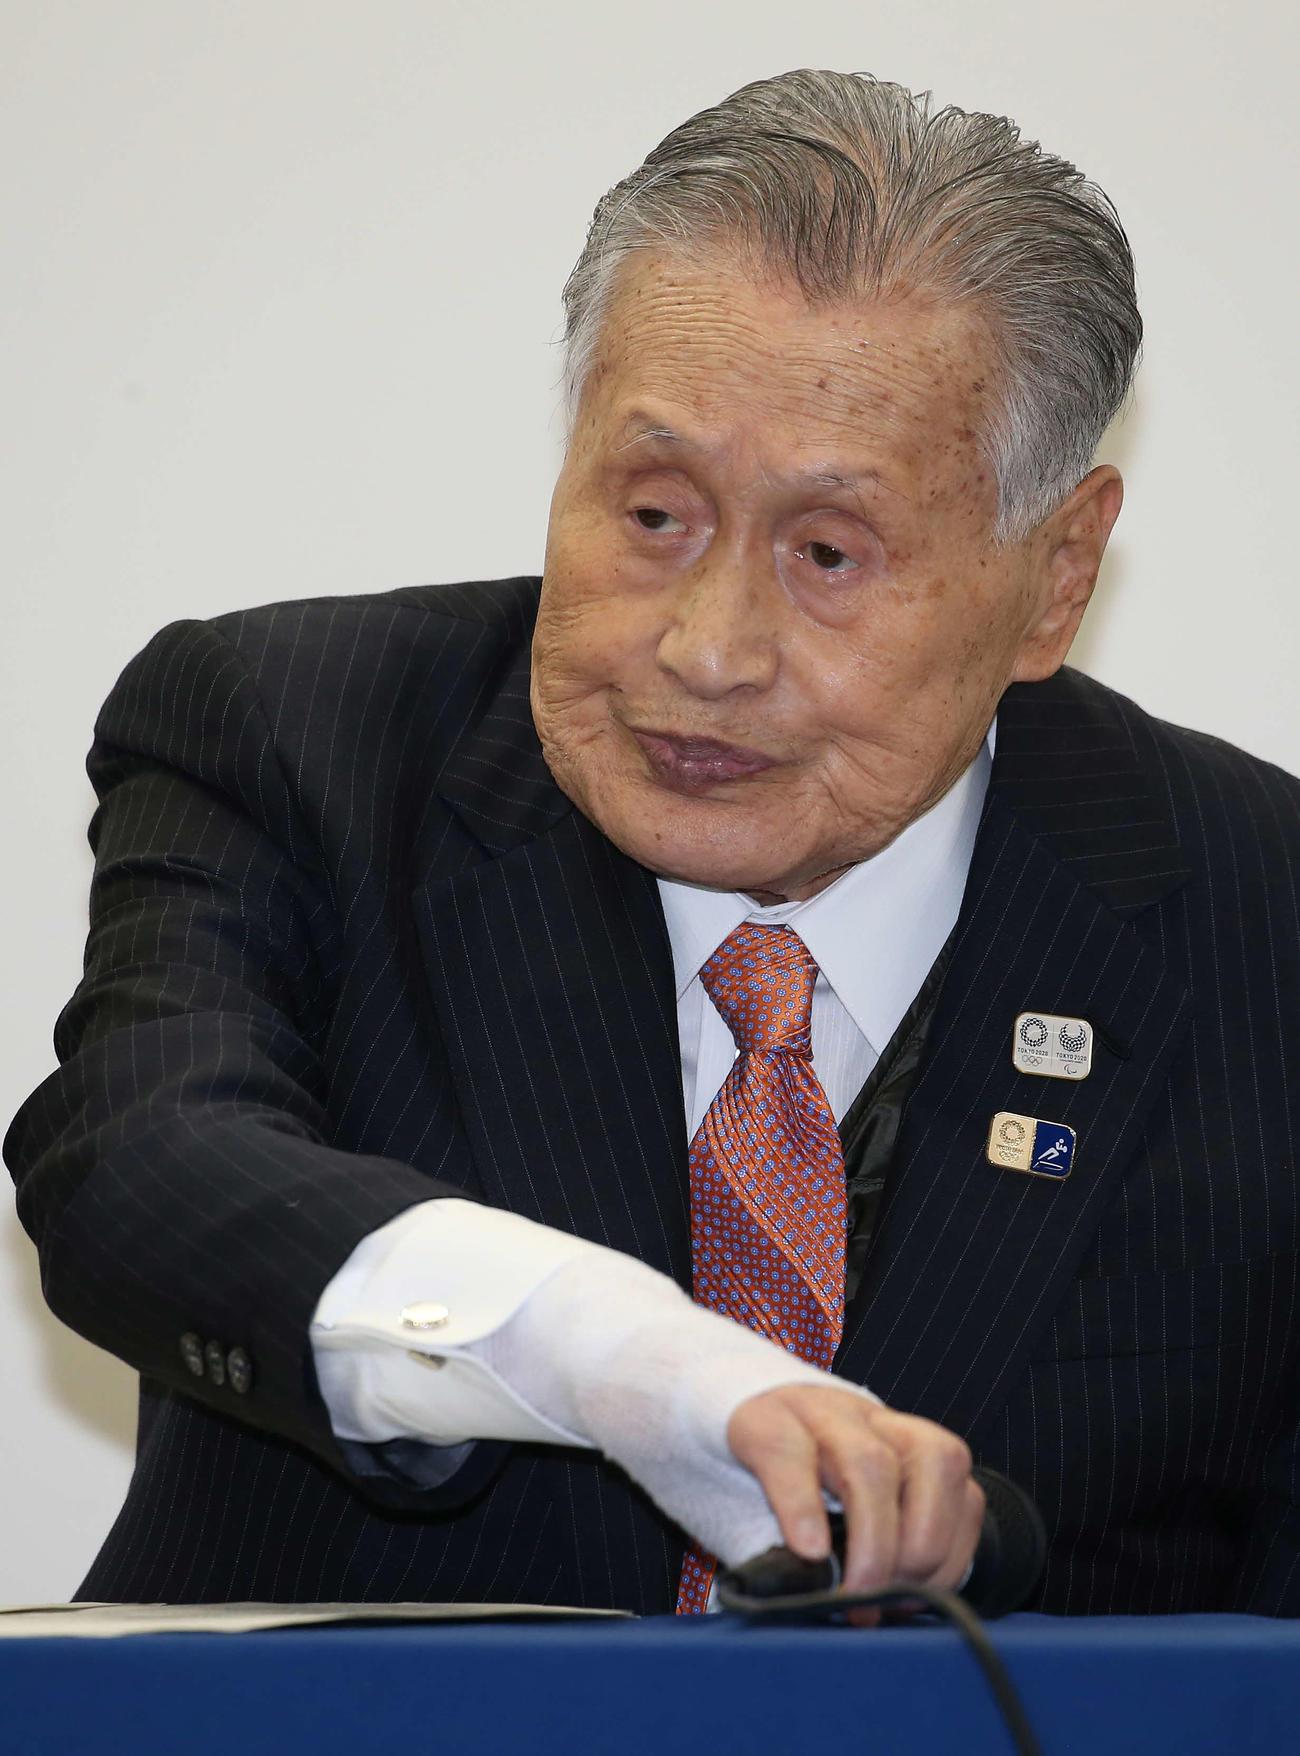 会見でマイクに手を伸ばす東京五輪組織委員会の森会長(撮影・河野匠)